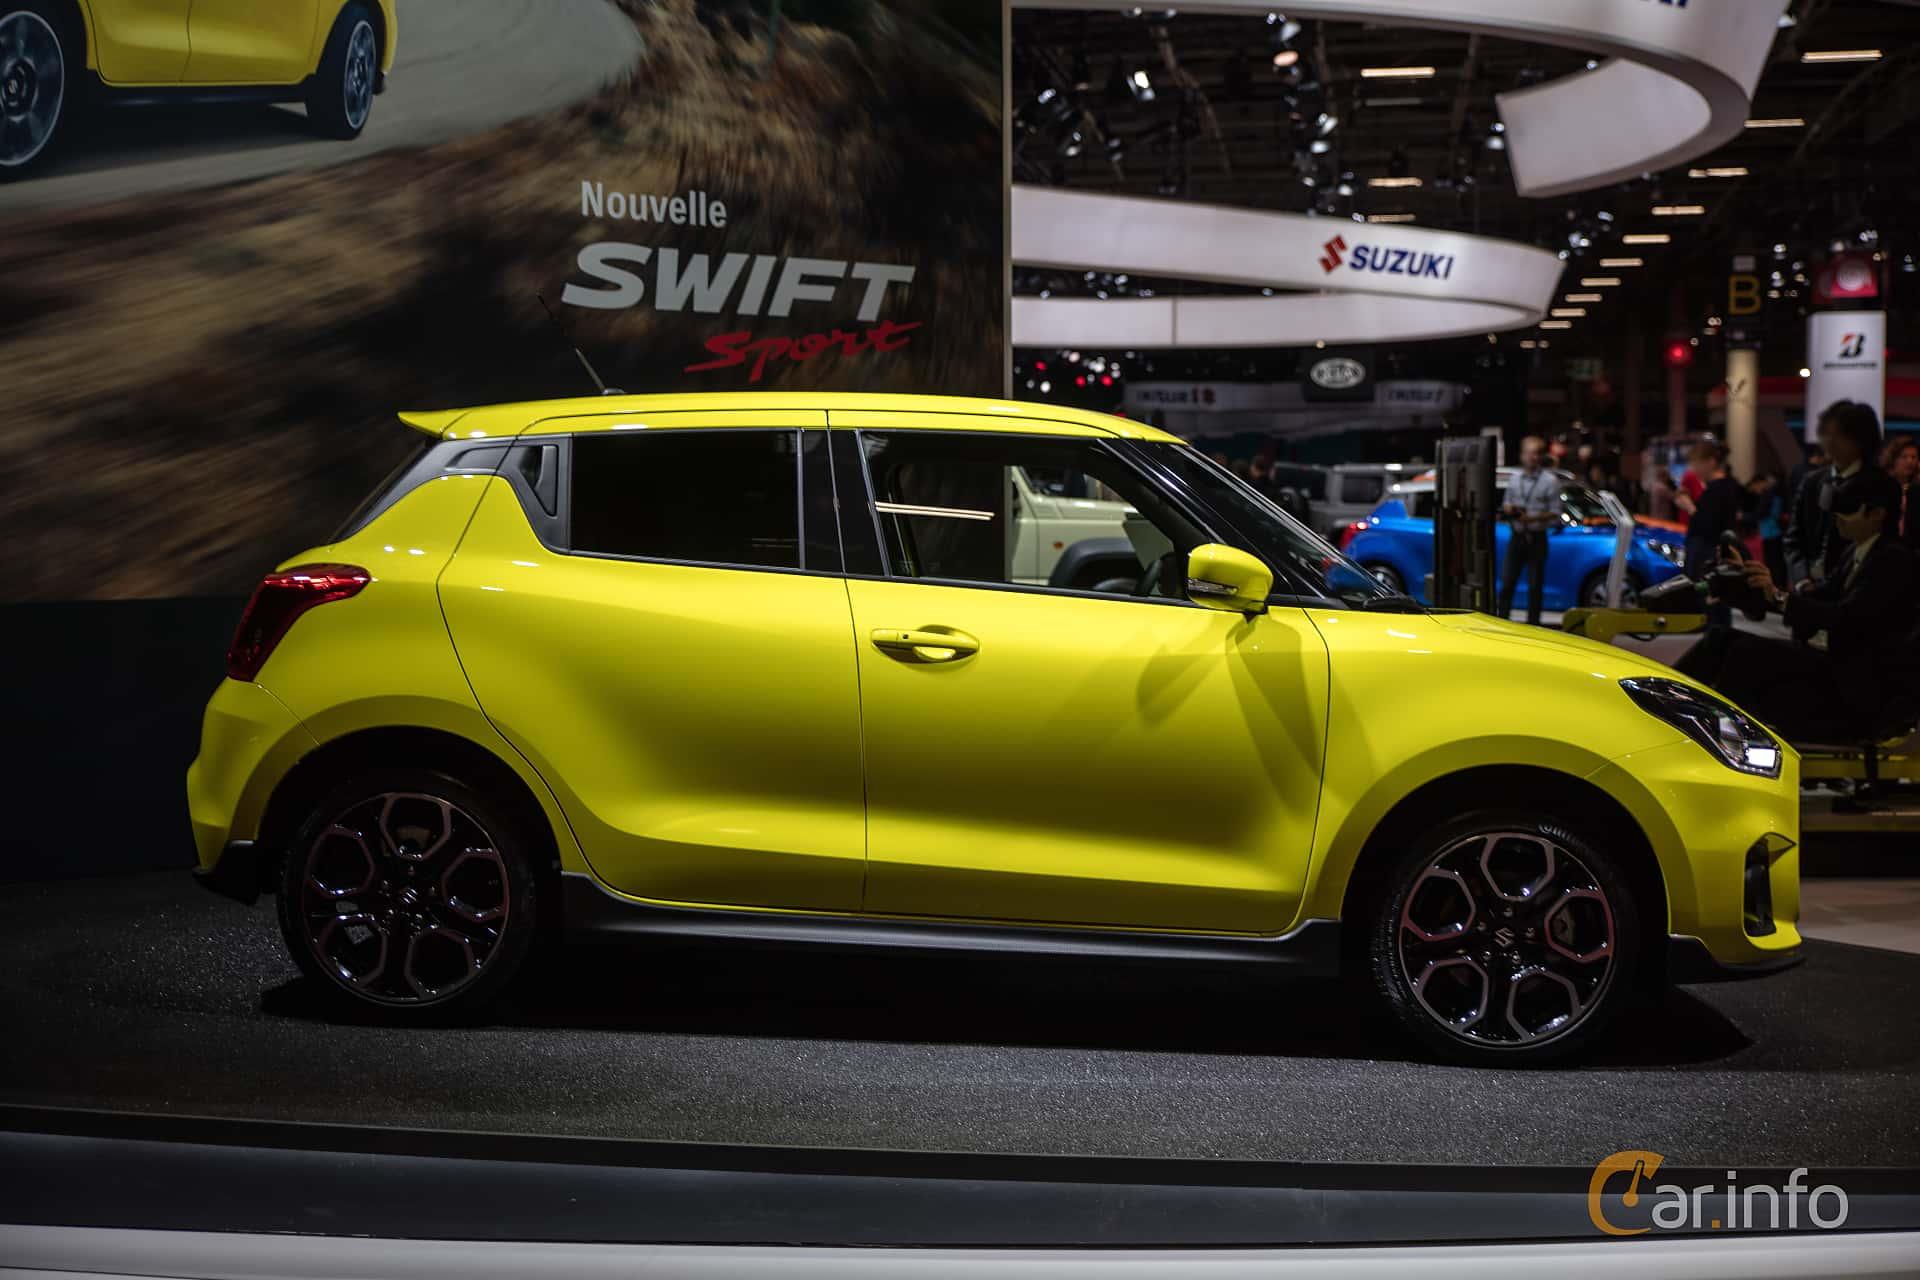 Suzuki Swift Sport 1 4 Boosterjet Manual, 140hp, 2019